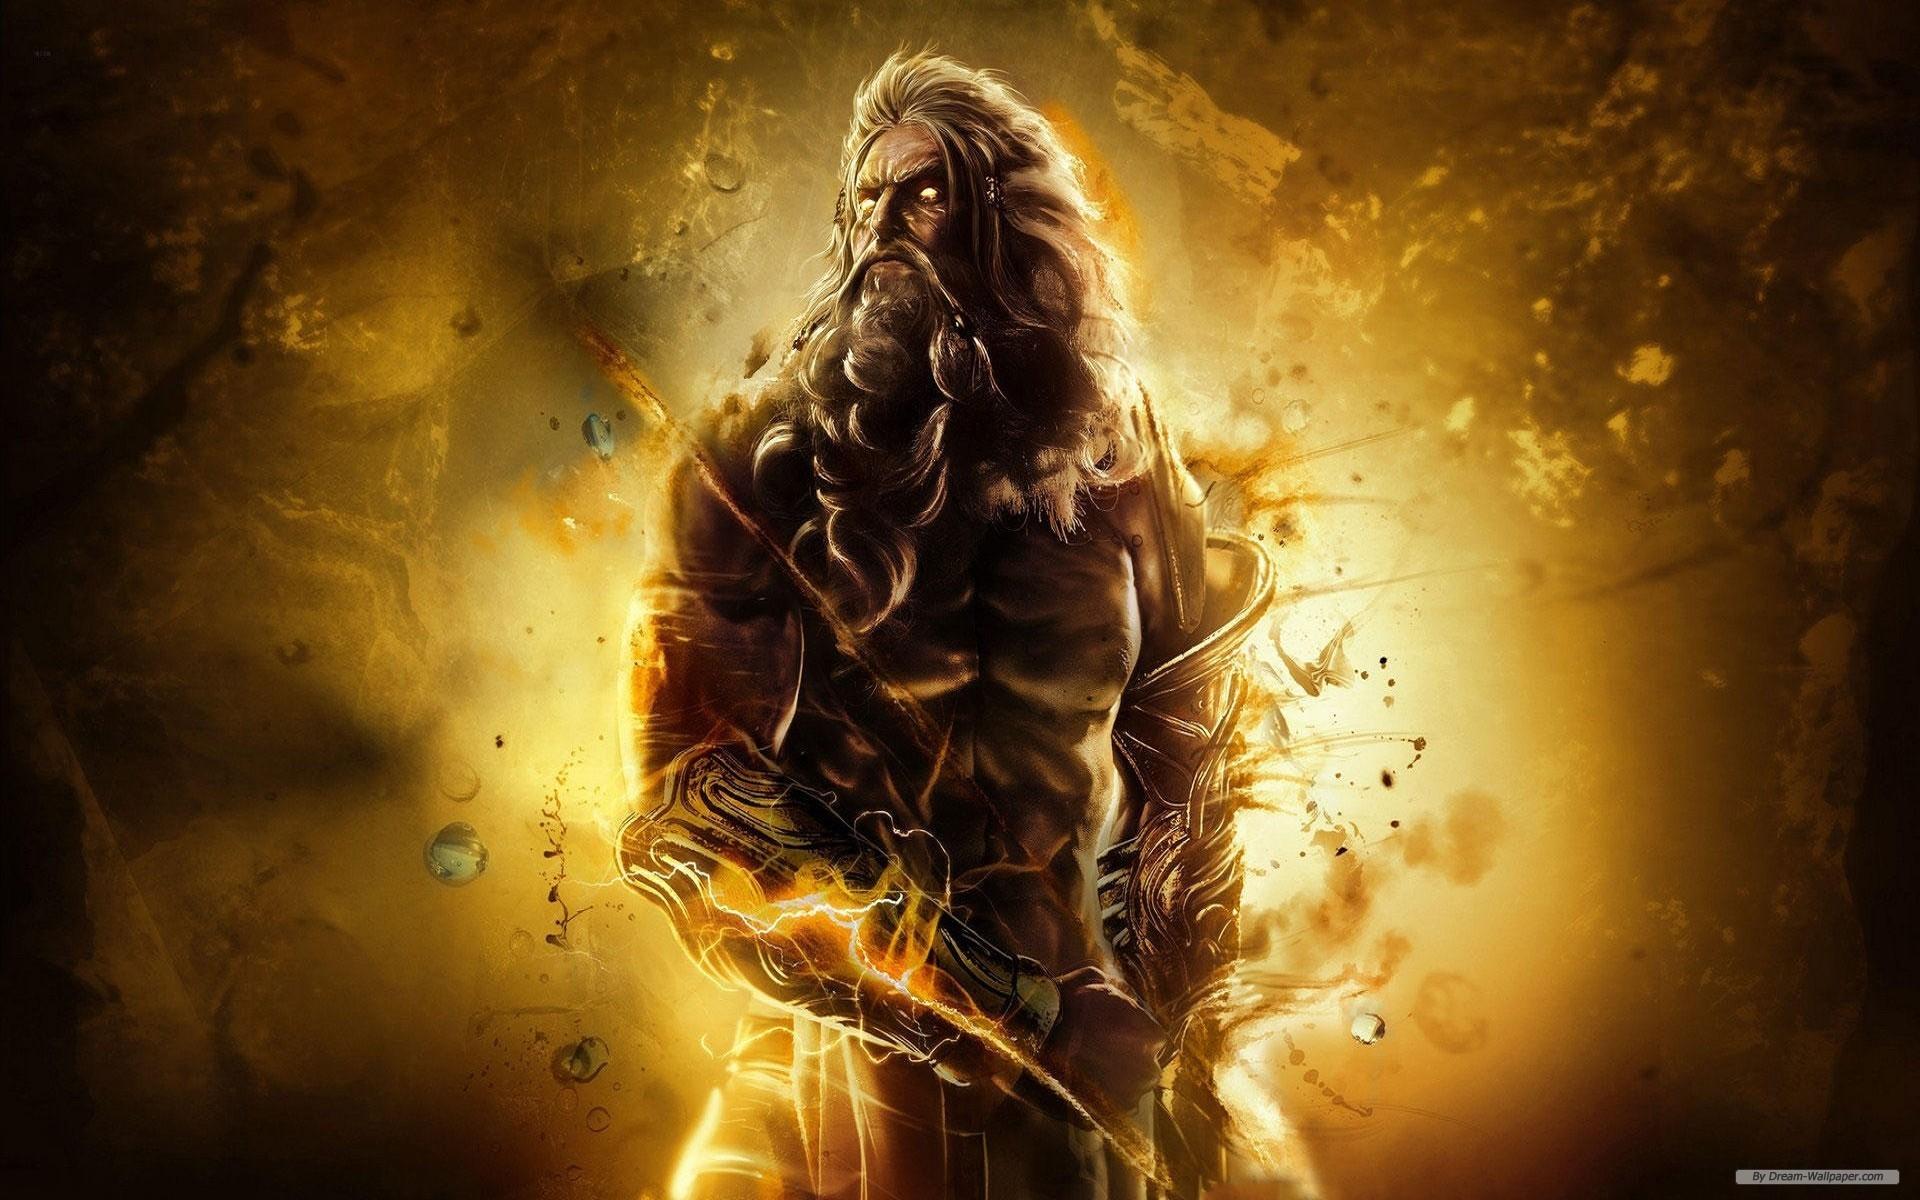 Zeus Wallpaper Hd 79 Images